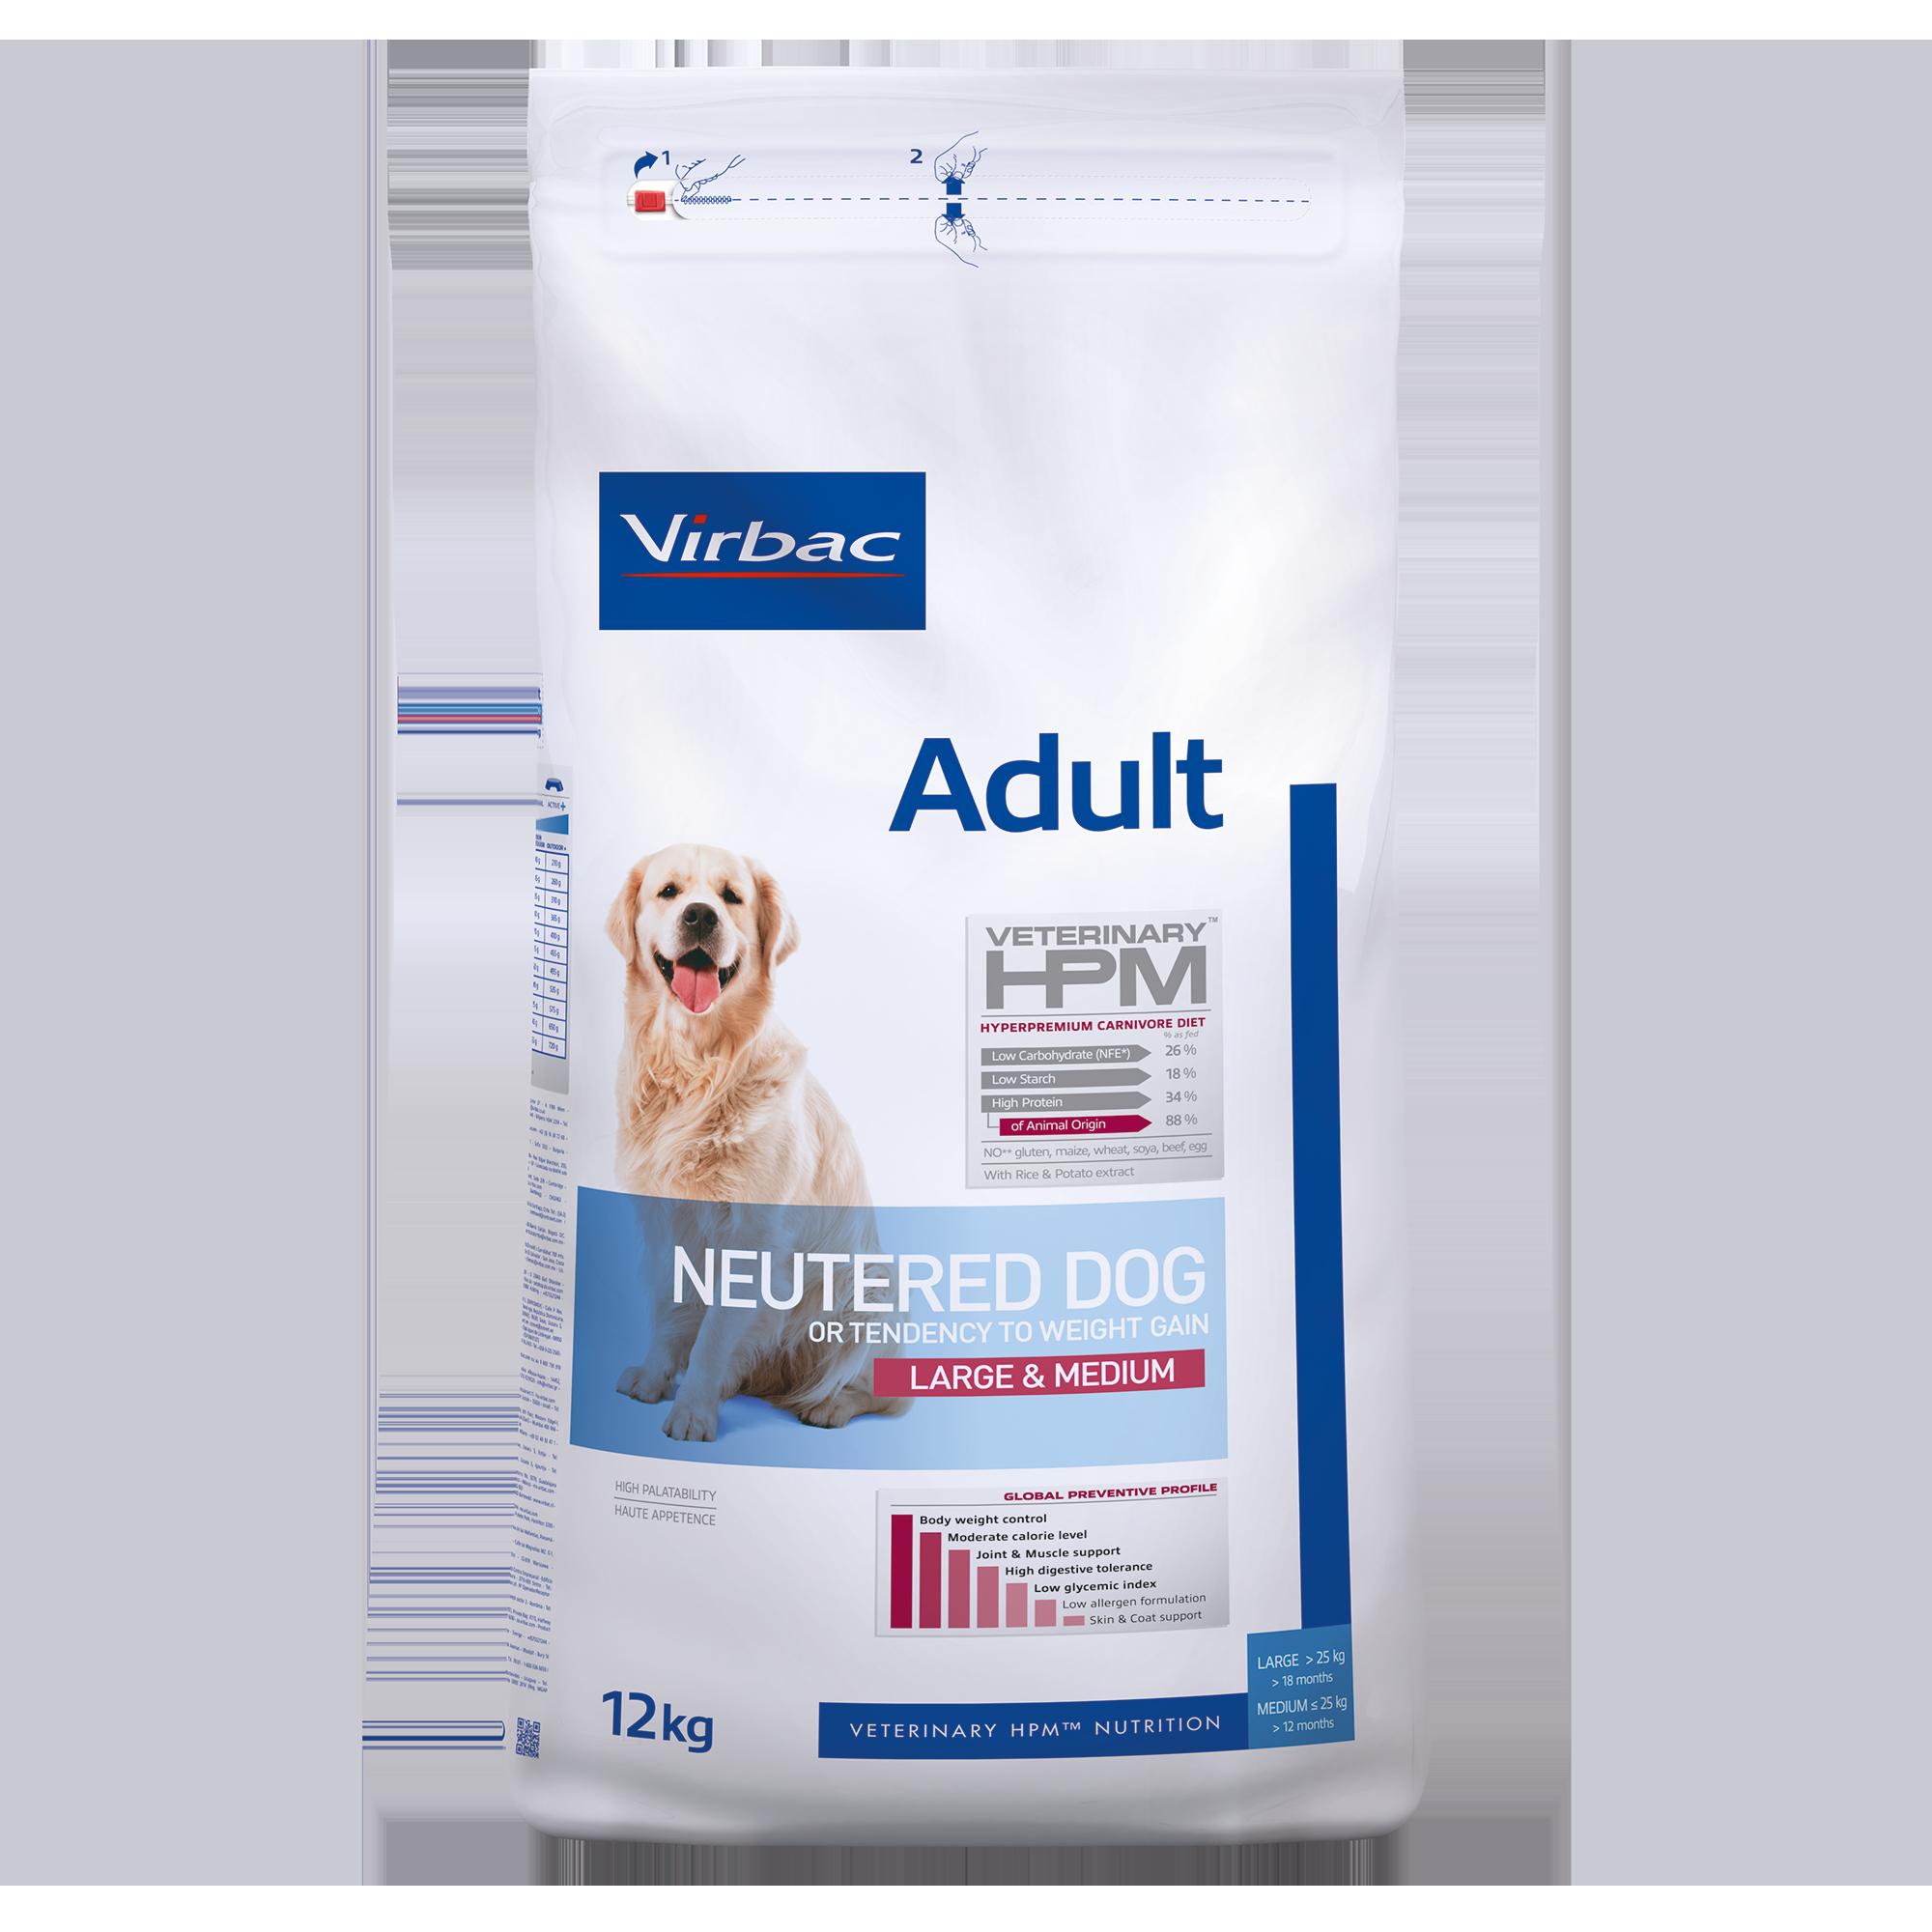 Adult Neutered Dog Large & Medium - 12 kg